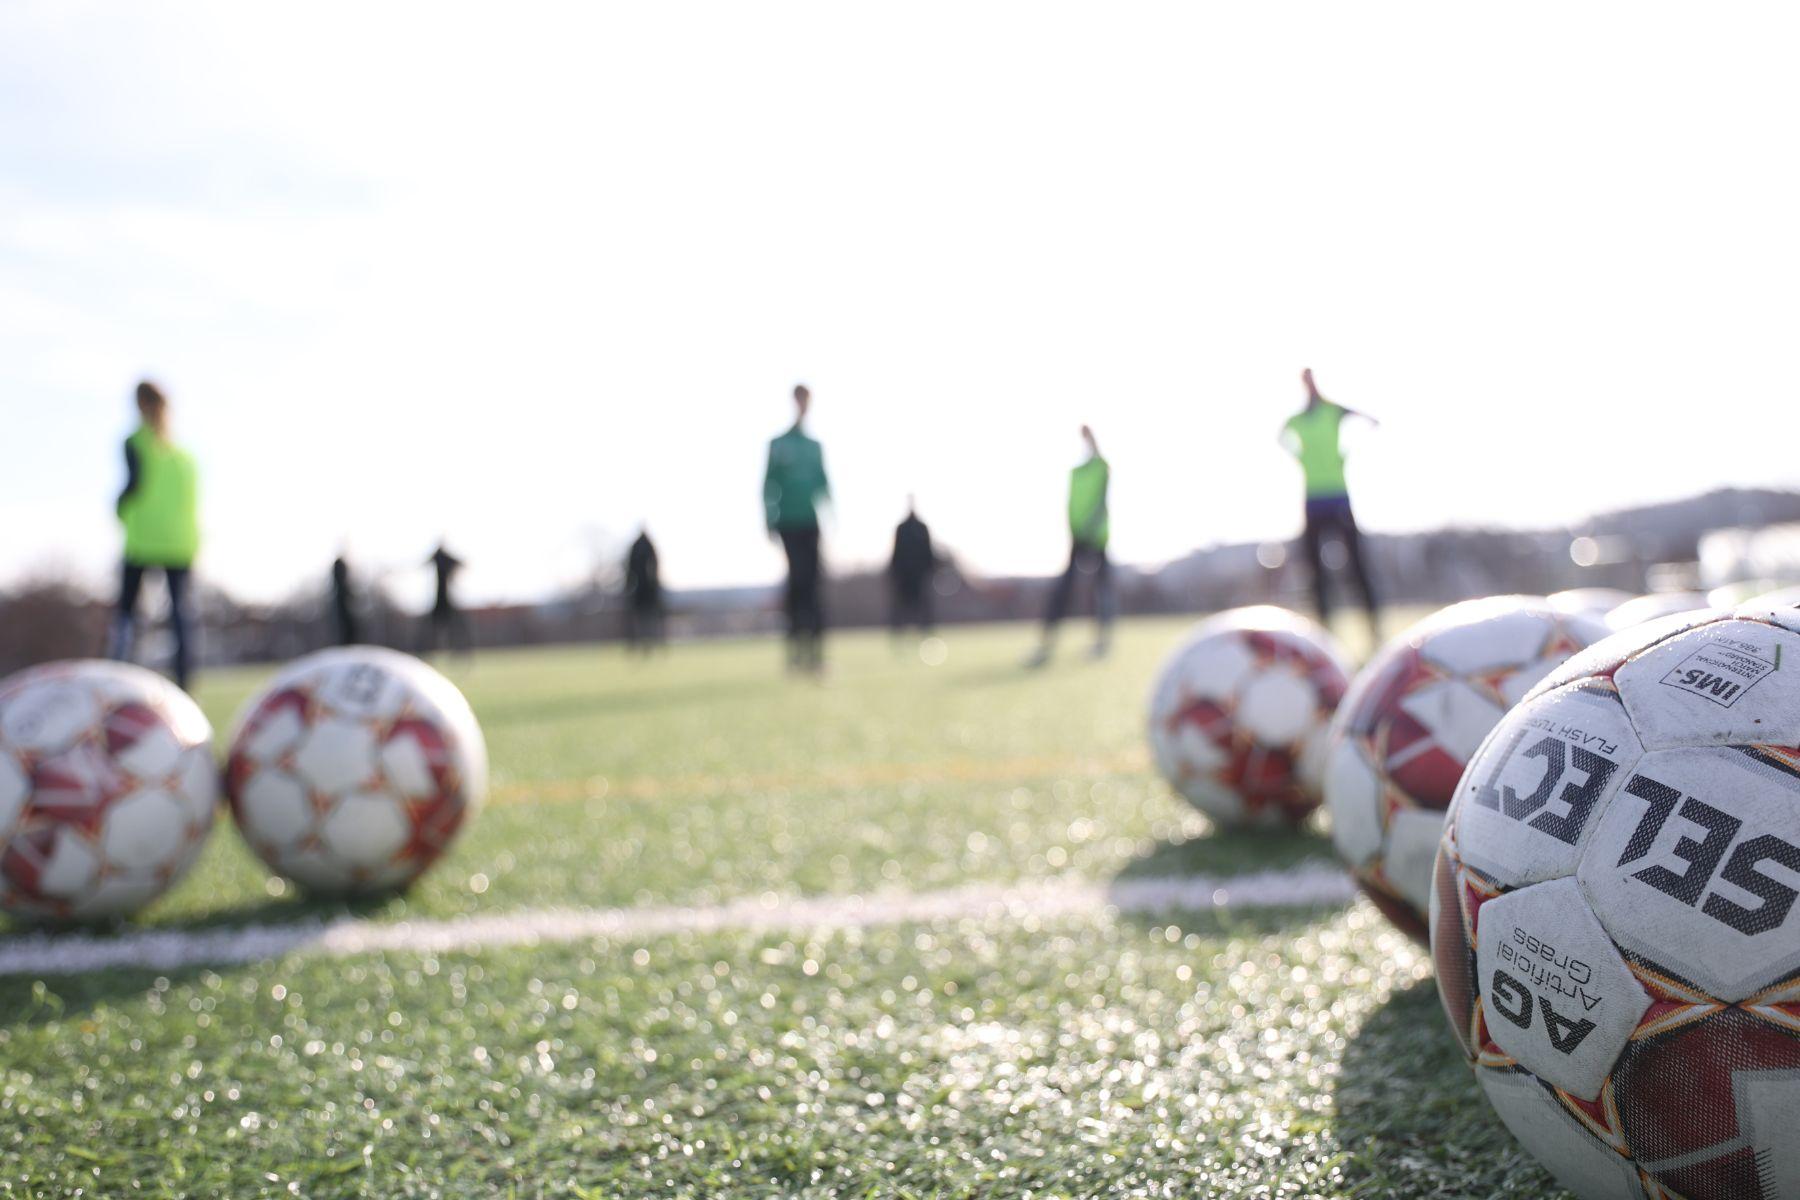 Forbollsplan med fotbollar i förgrunden